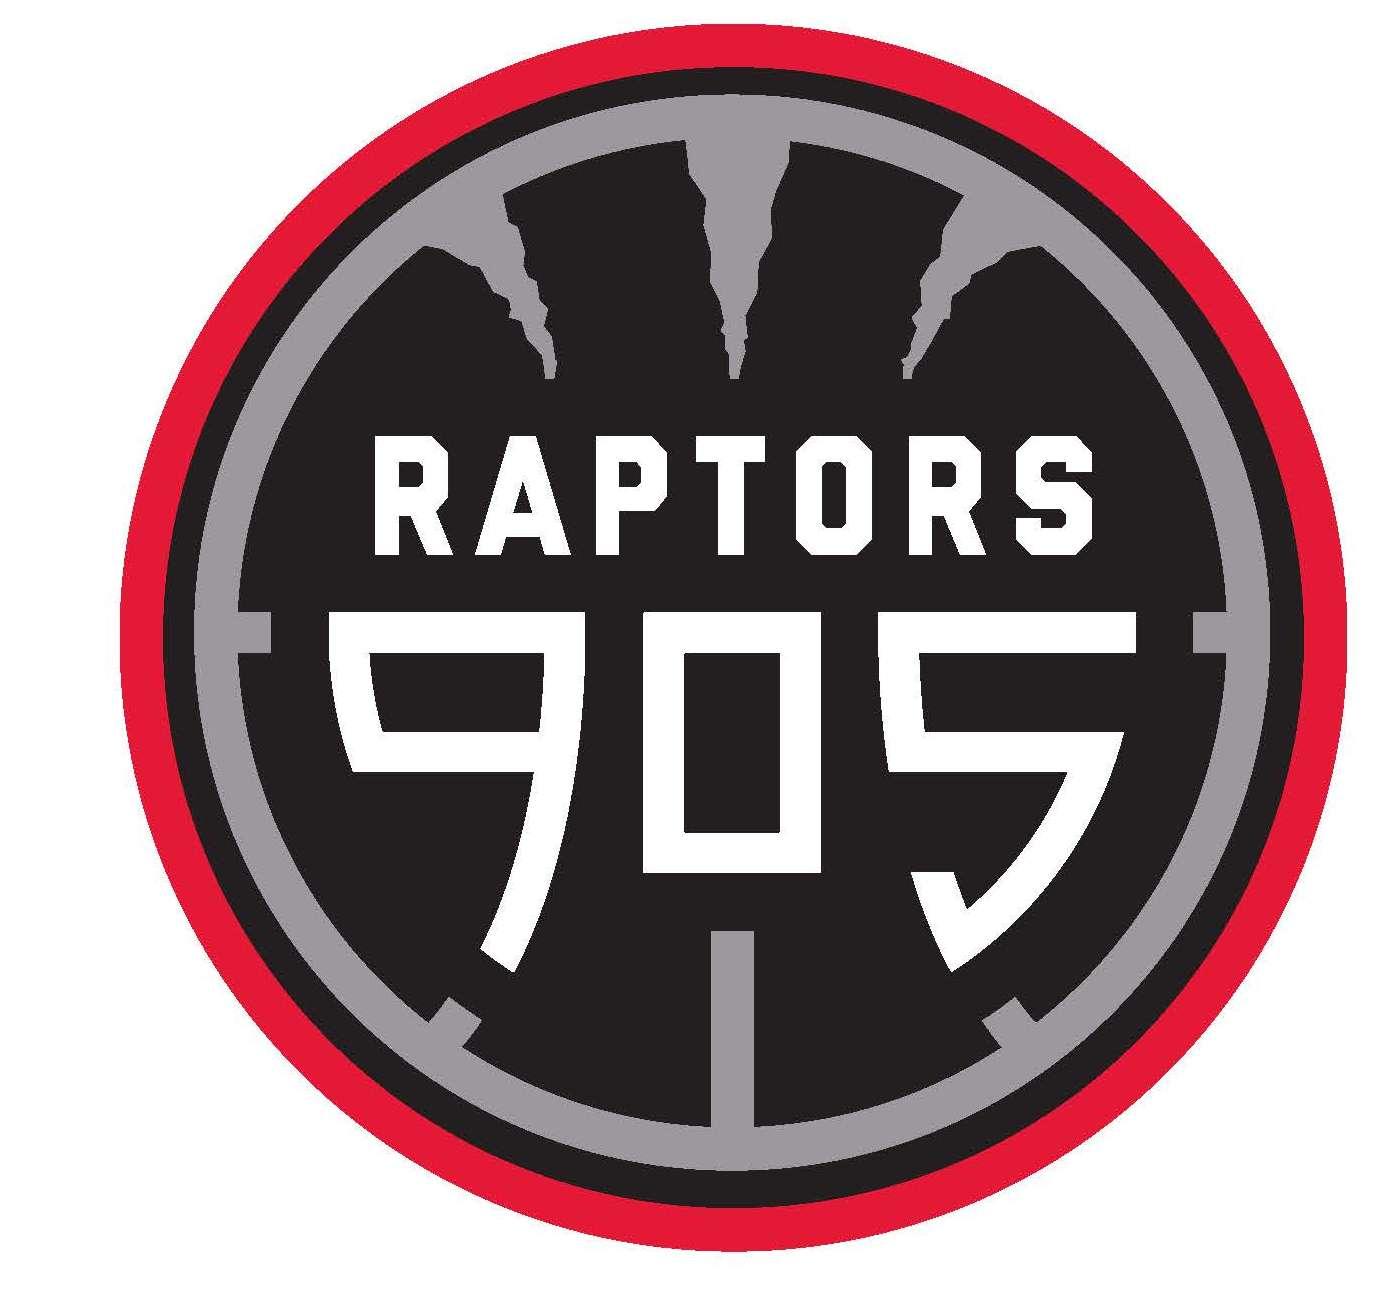 e1e16859043 Raptors 905 vs. Long Island Nets